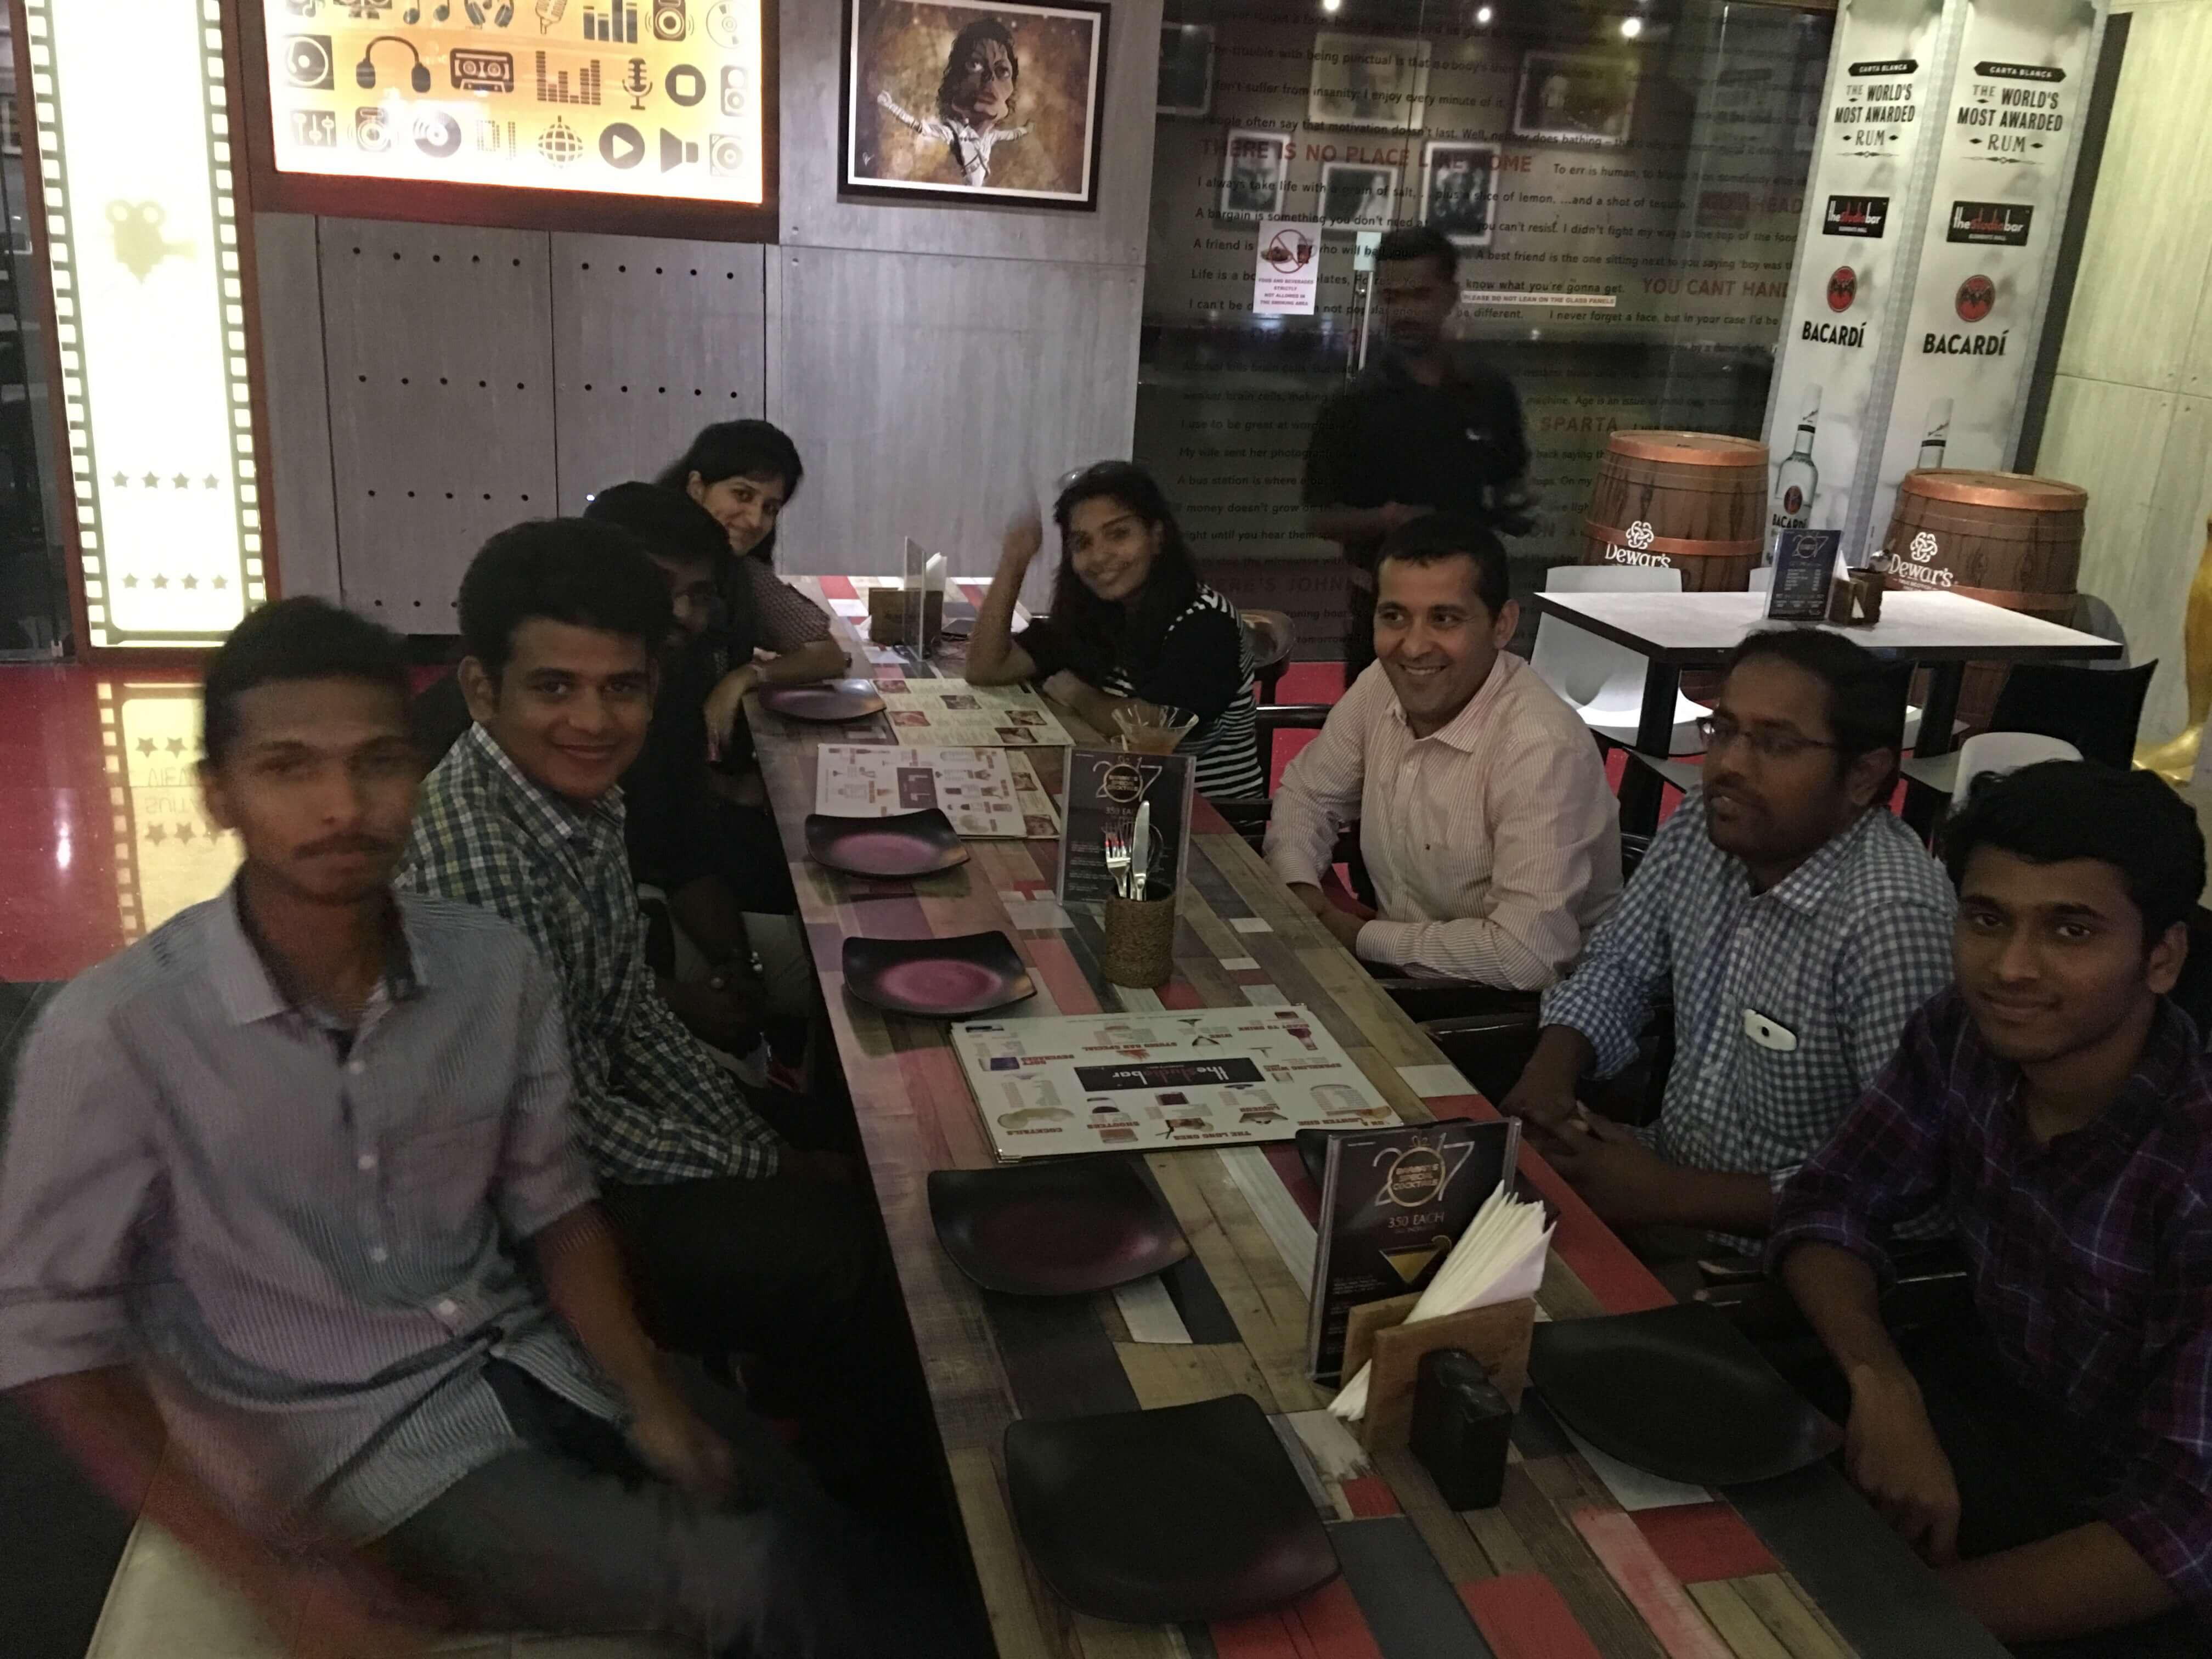 Storat india team